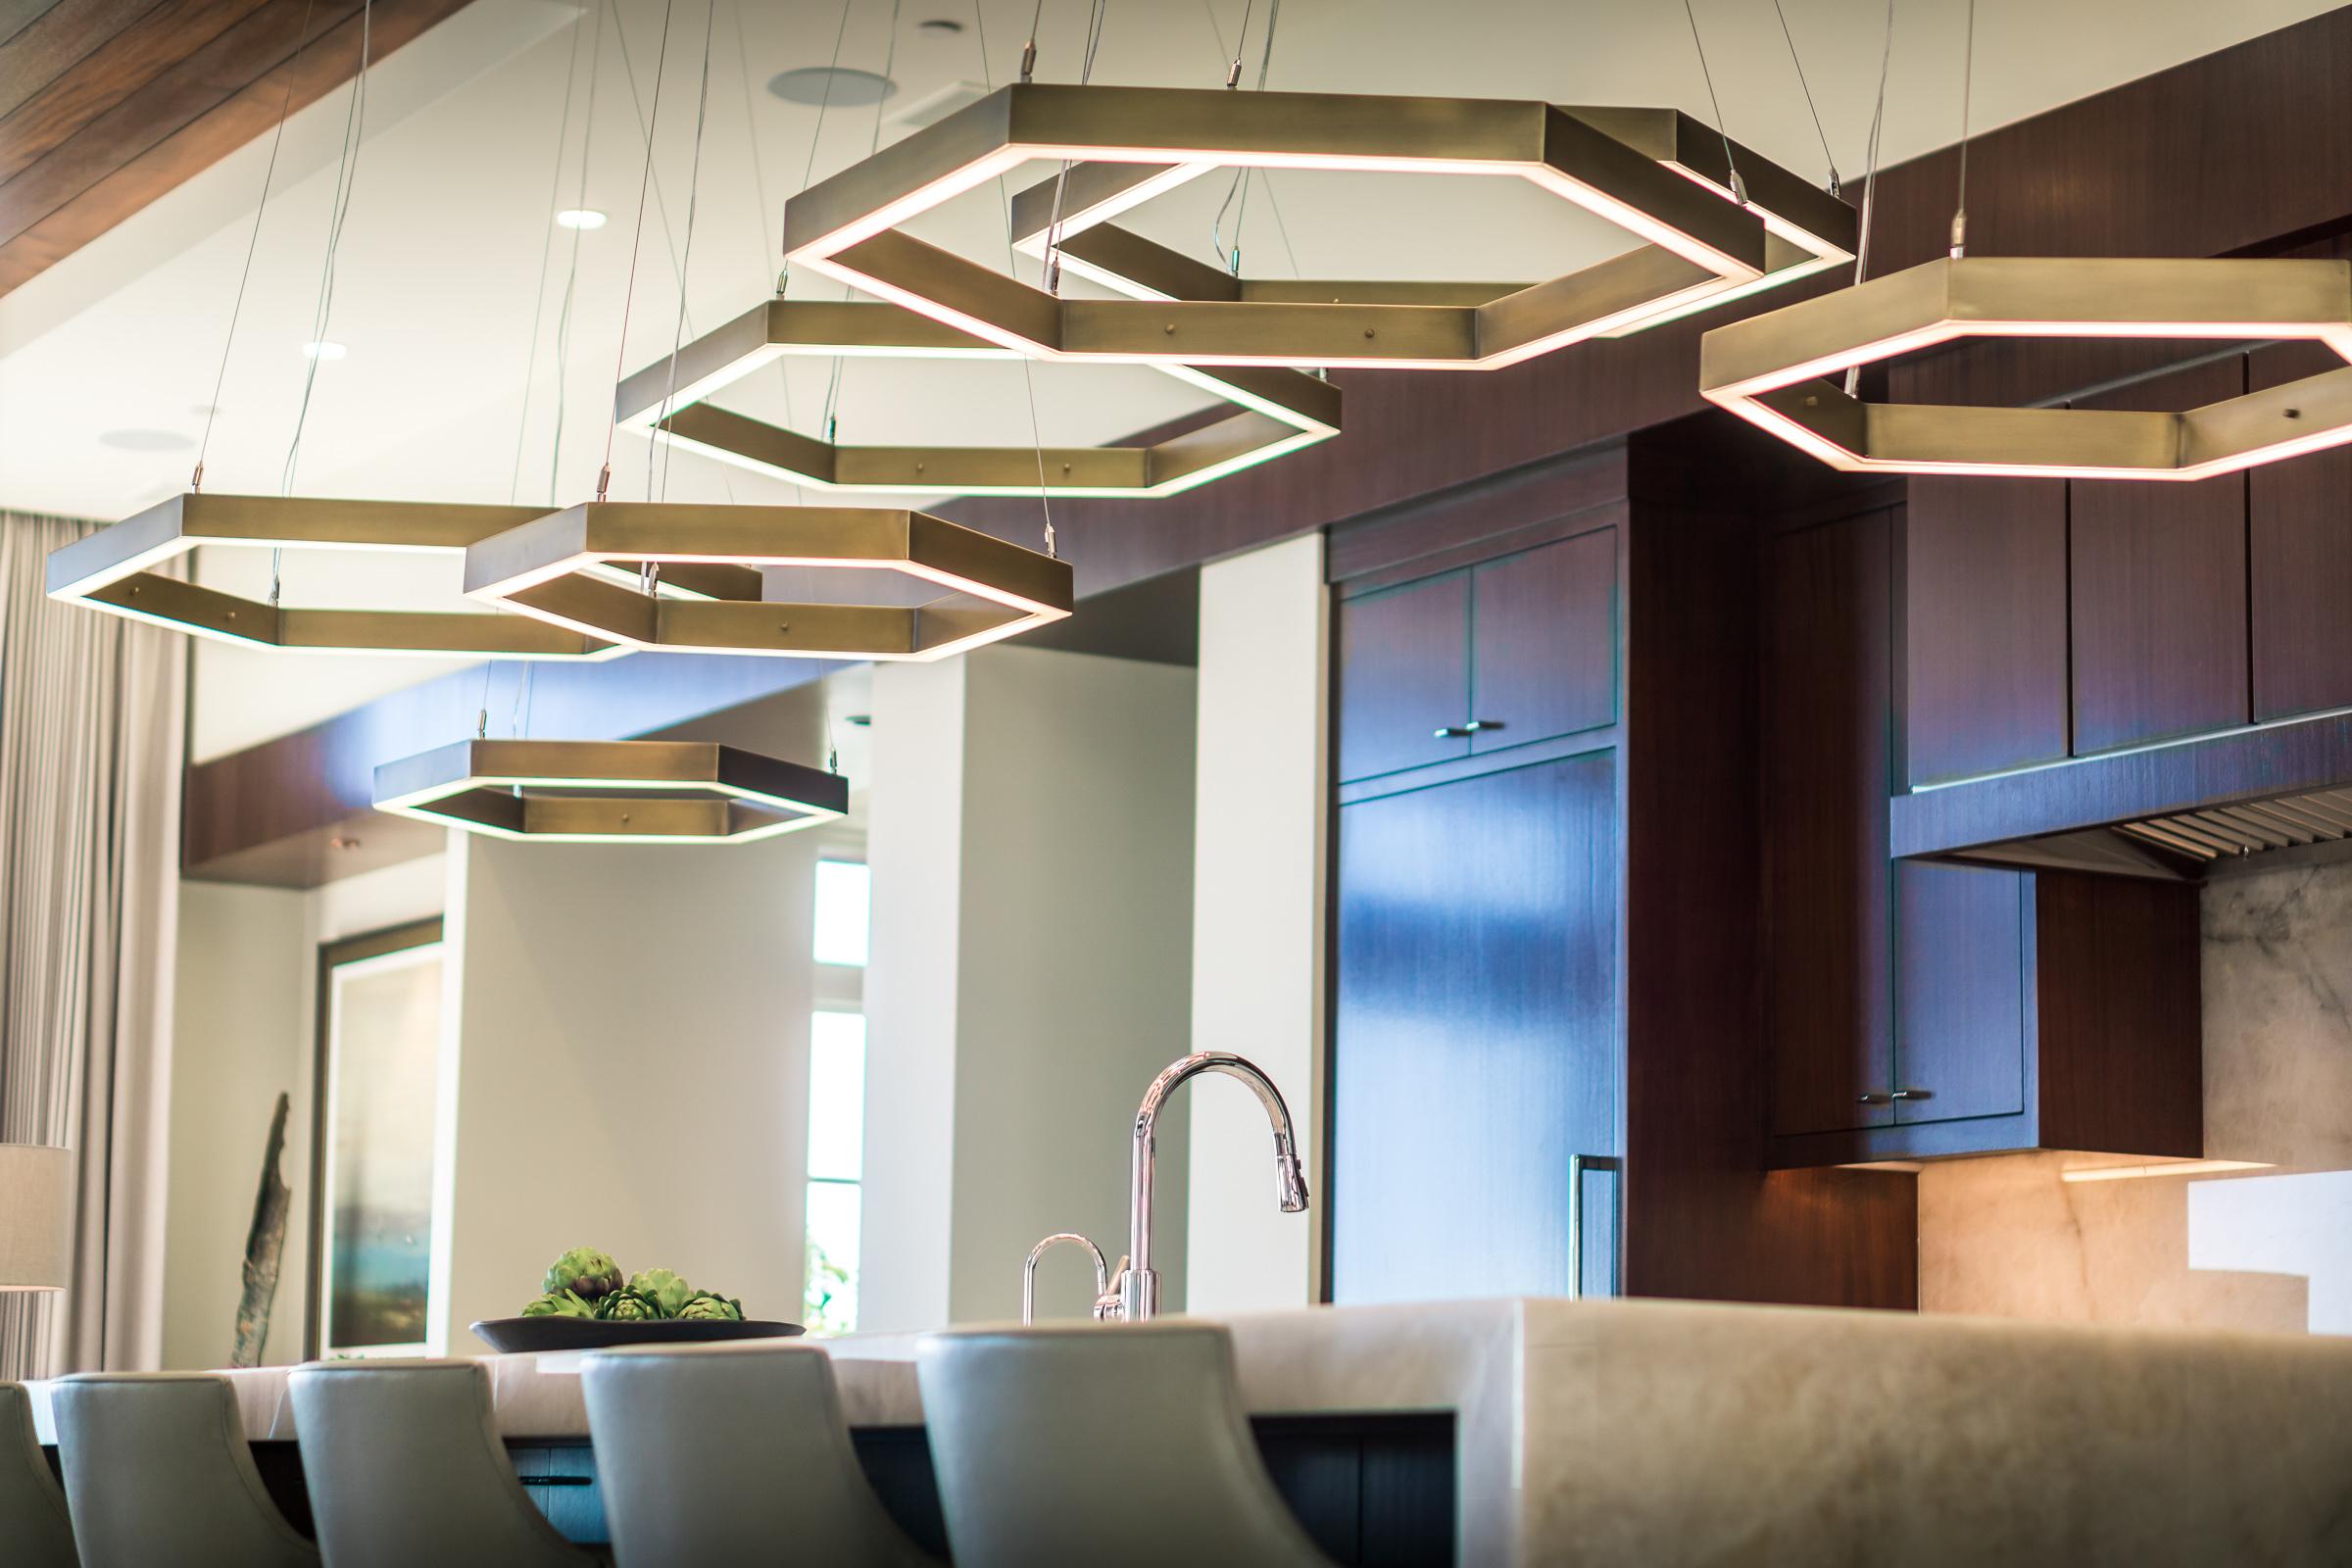 53_Corona-Del-Mar-home_Design-a-Details-Firm_Joseph-Barber-Studios03167.jpg